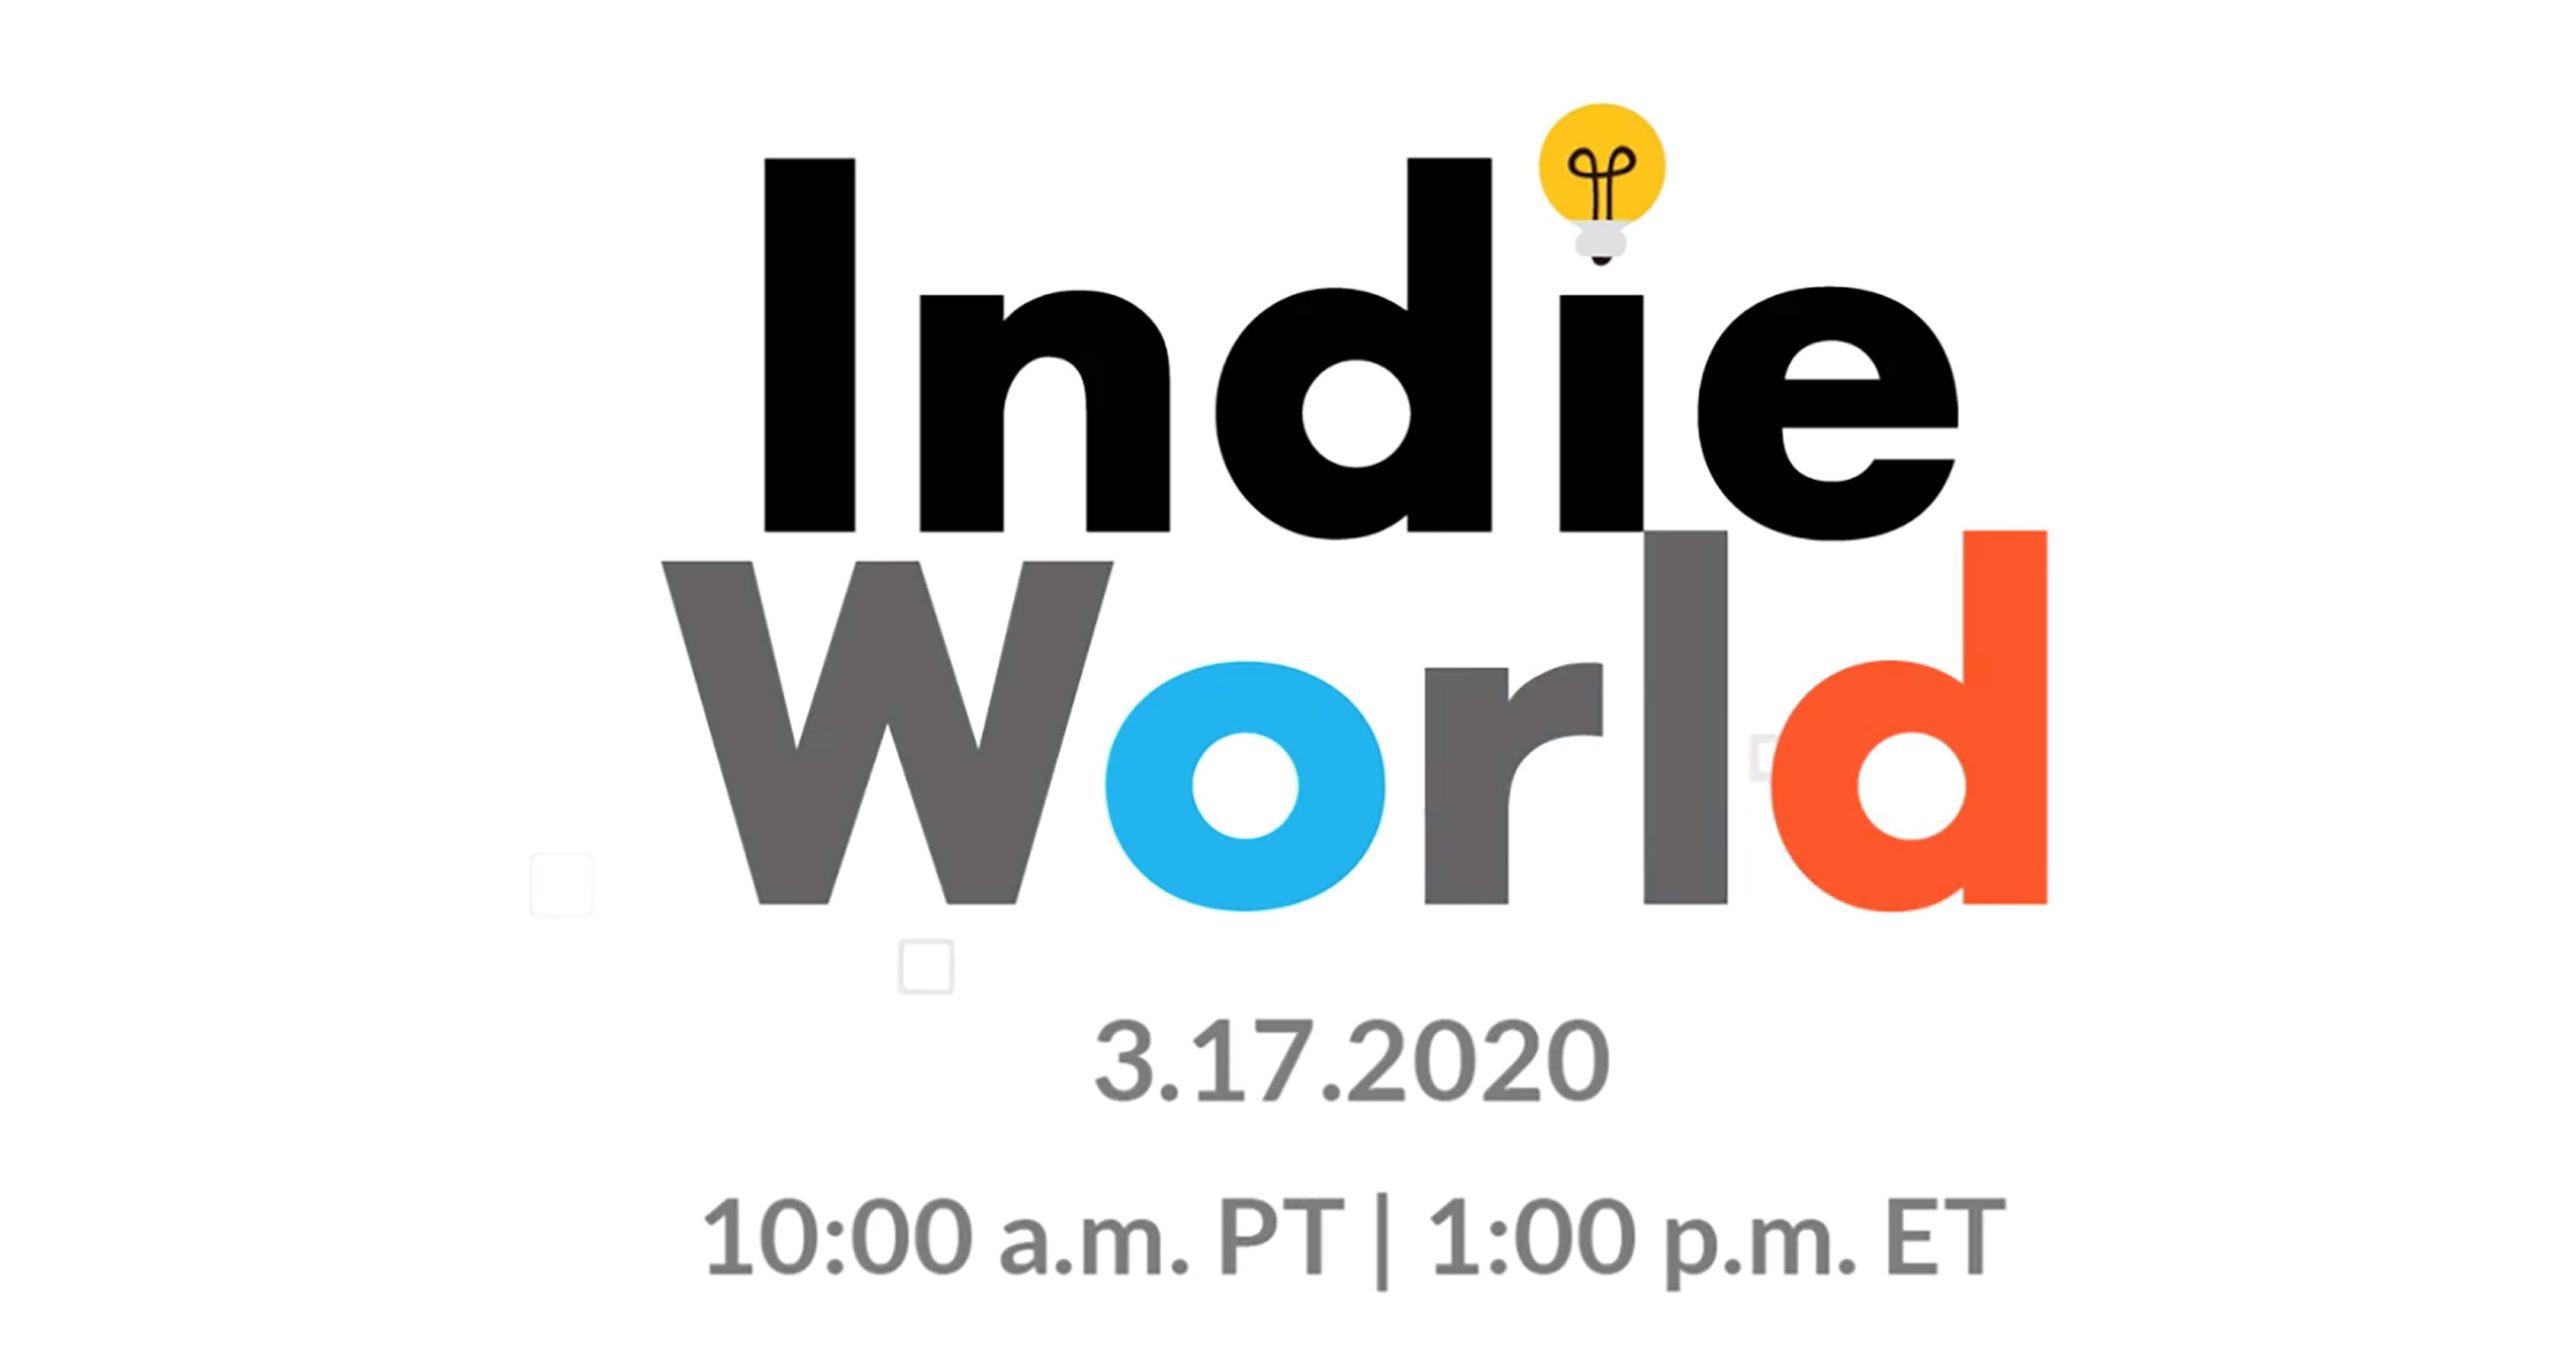 Nintendo Indie World March